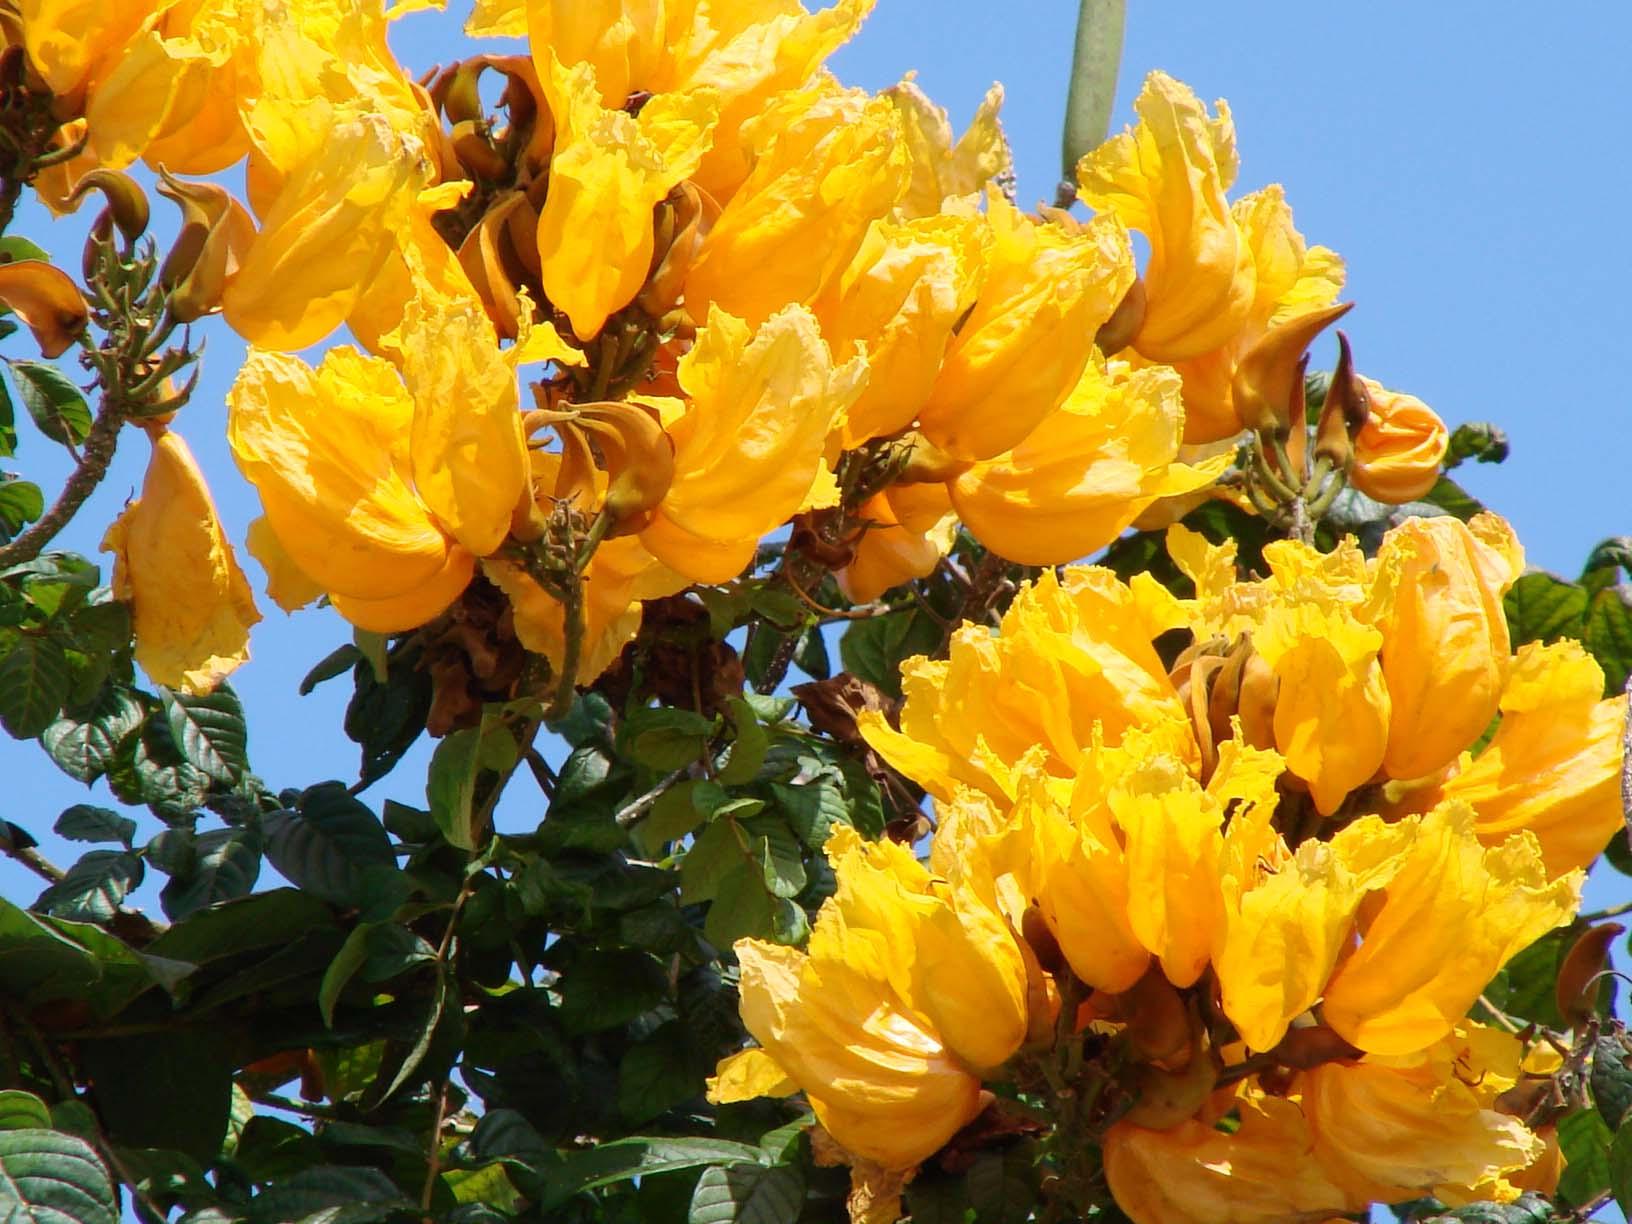 тюльпанное дерево фото в домашних условиях боковых